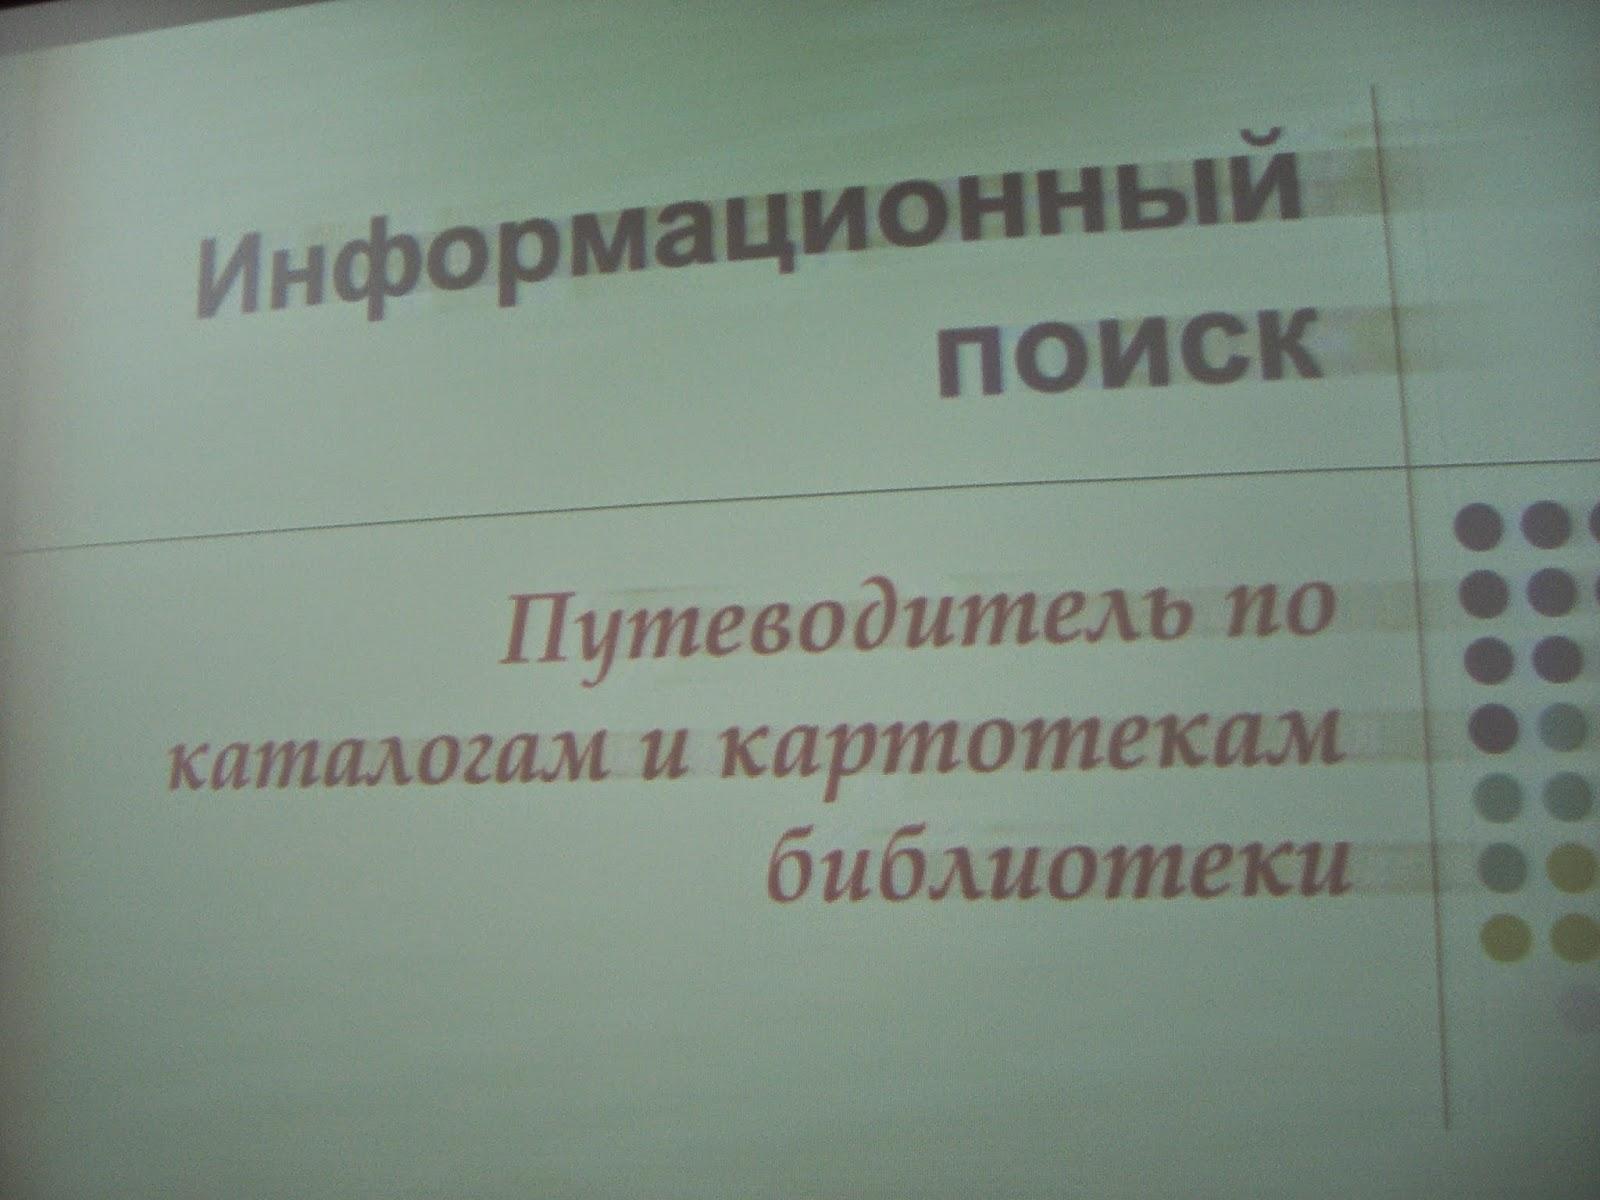 Богатство Отданные Людям Проект Презентация